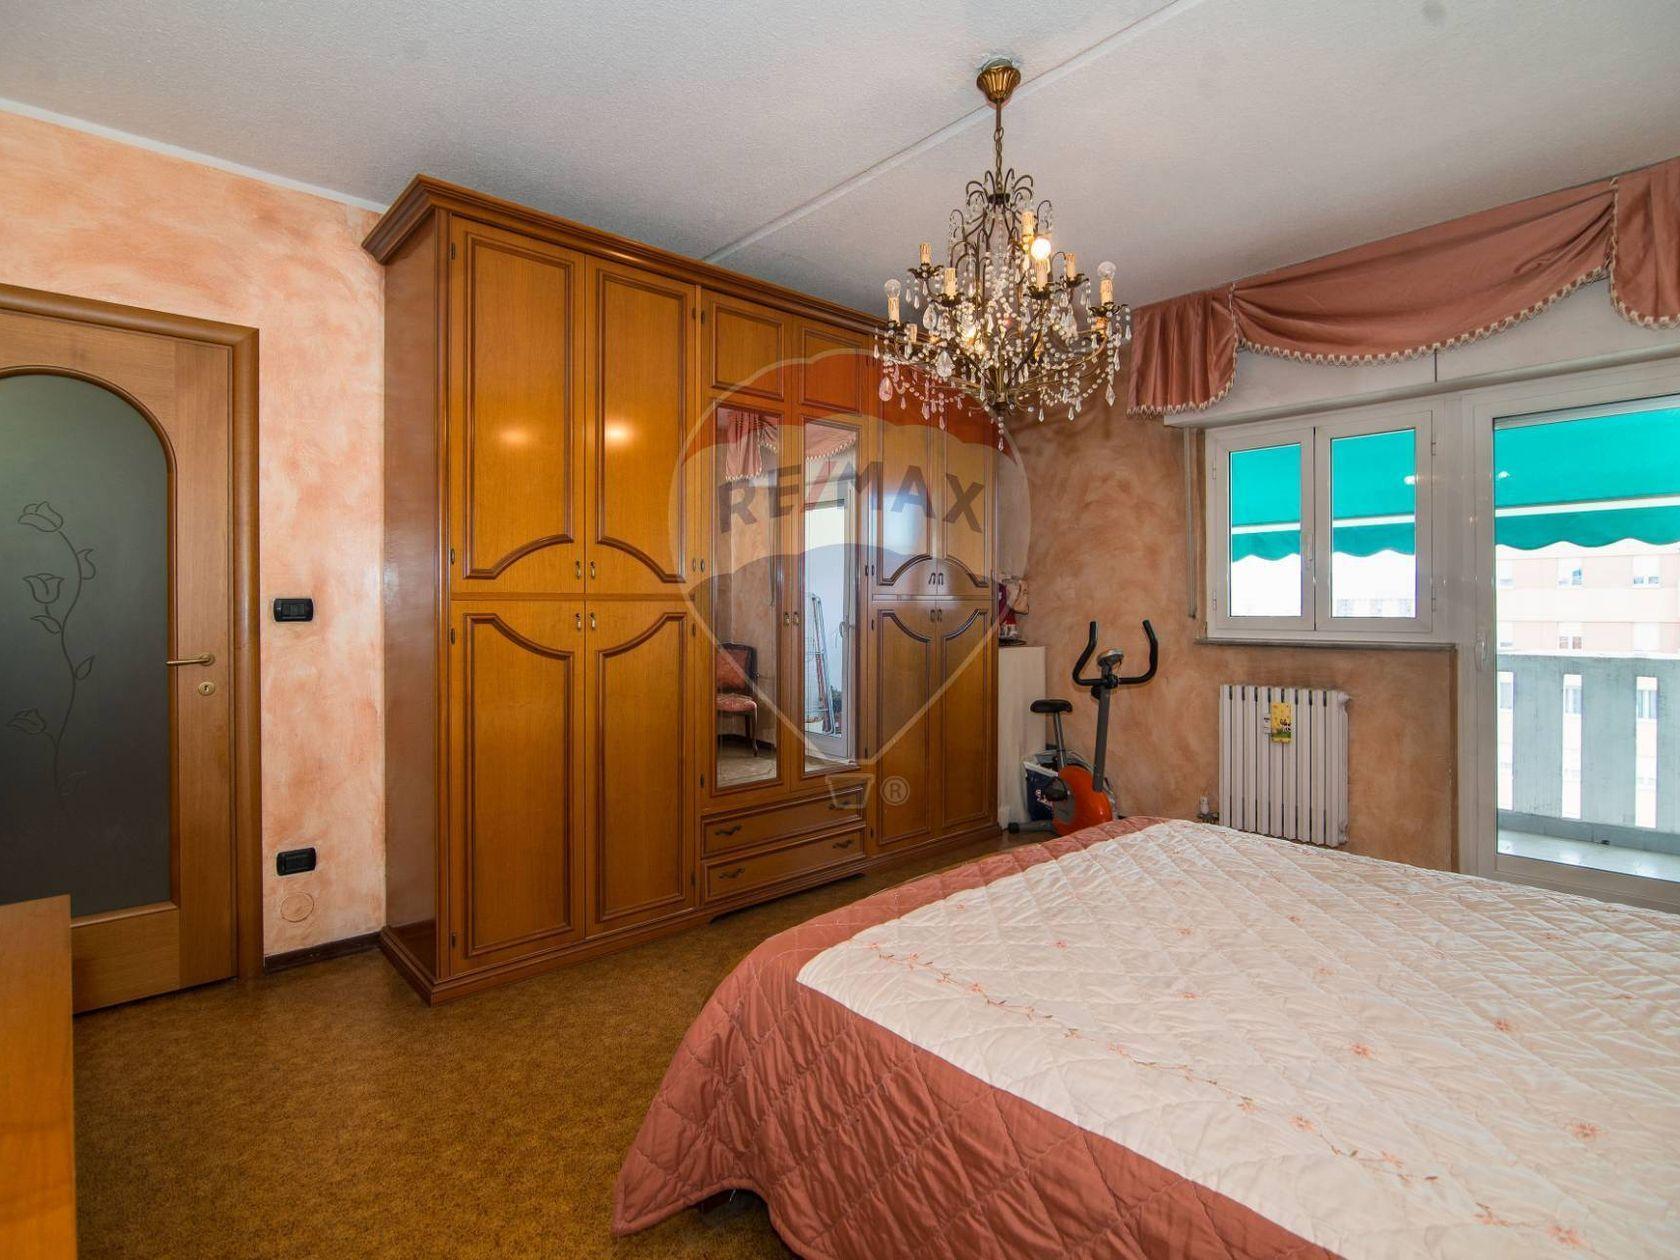 Appartamento Mirafiori nord, Torino, TO Vendita - Foto 17